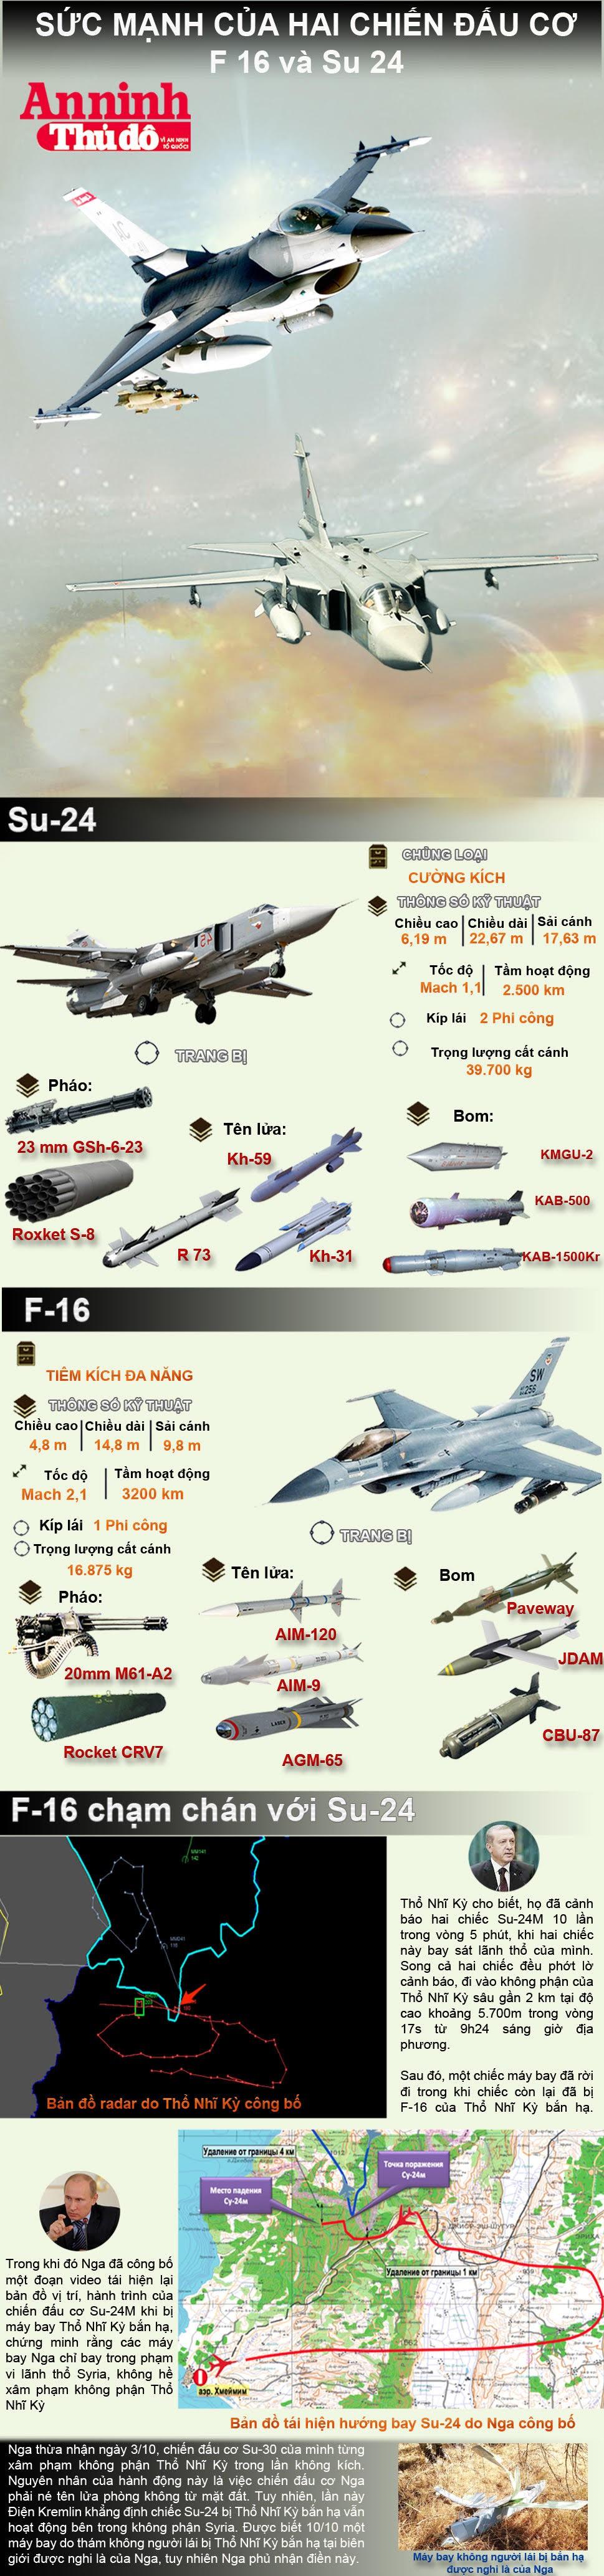 Infographic: Sức mạnh của hai chiến đấu cơ F16 và Su24 ảnh 1